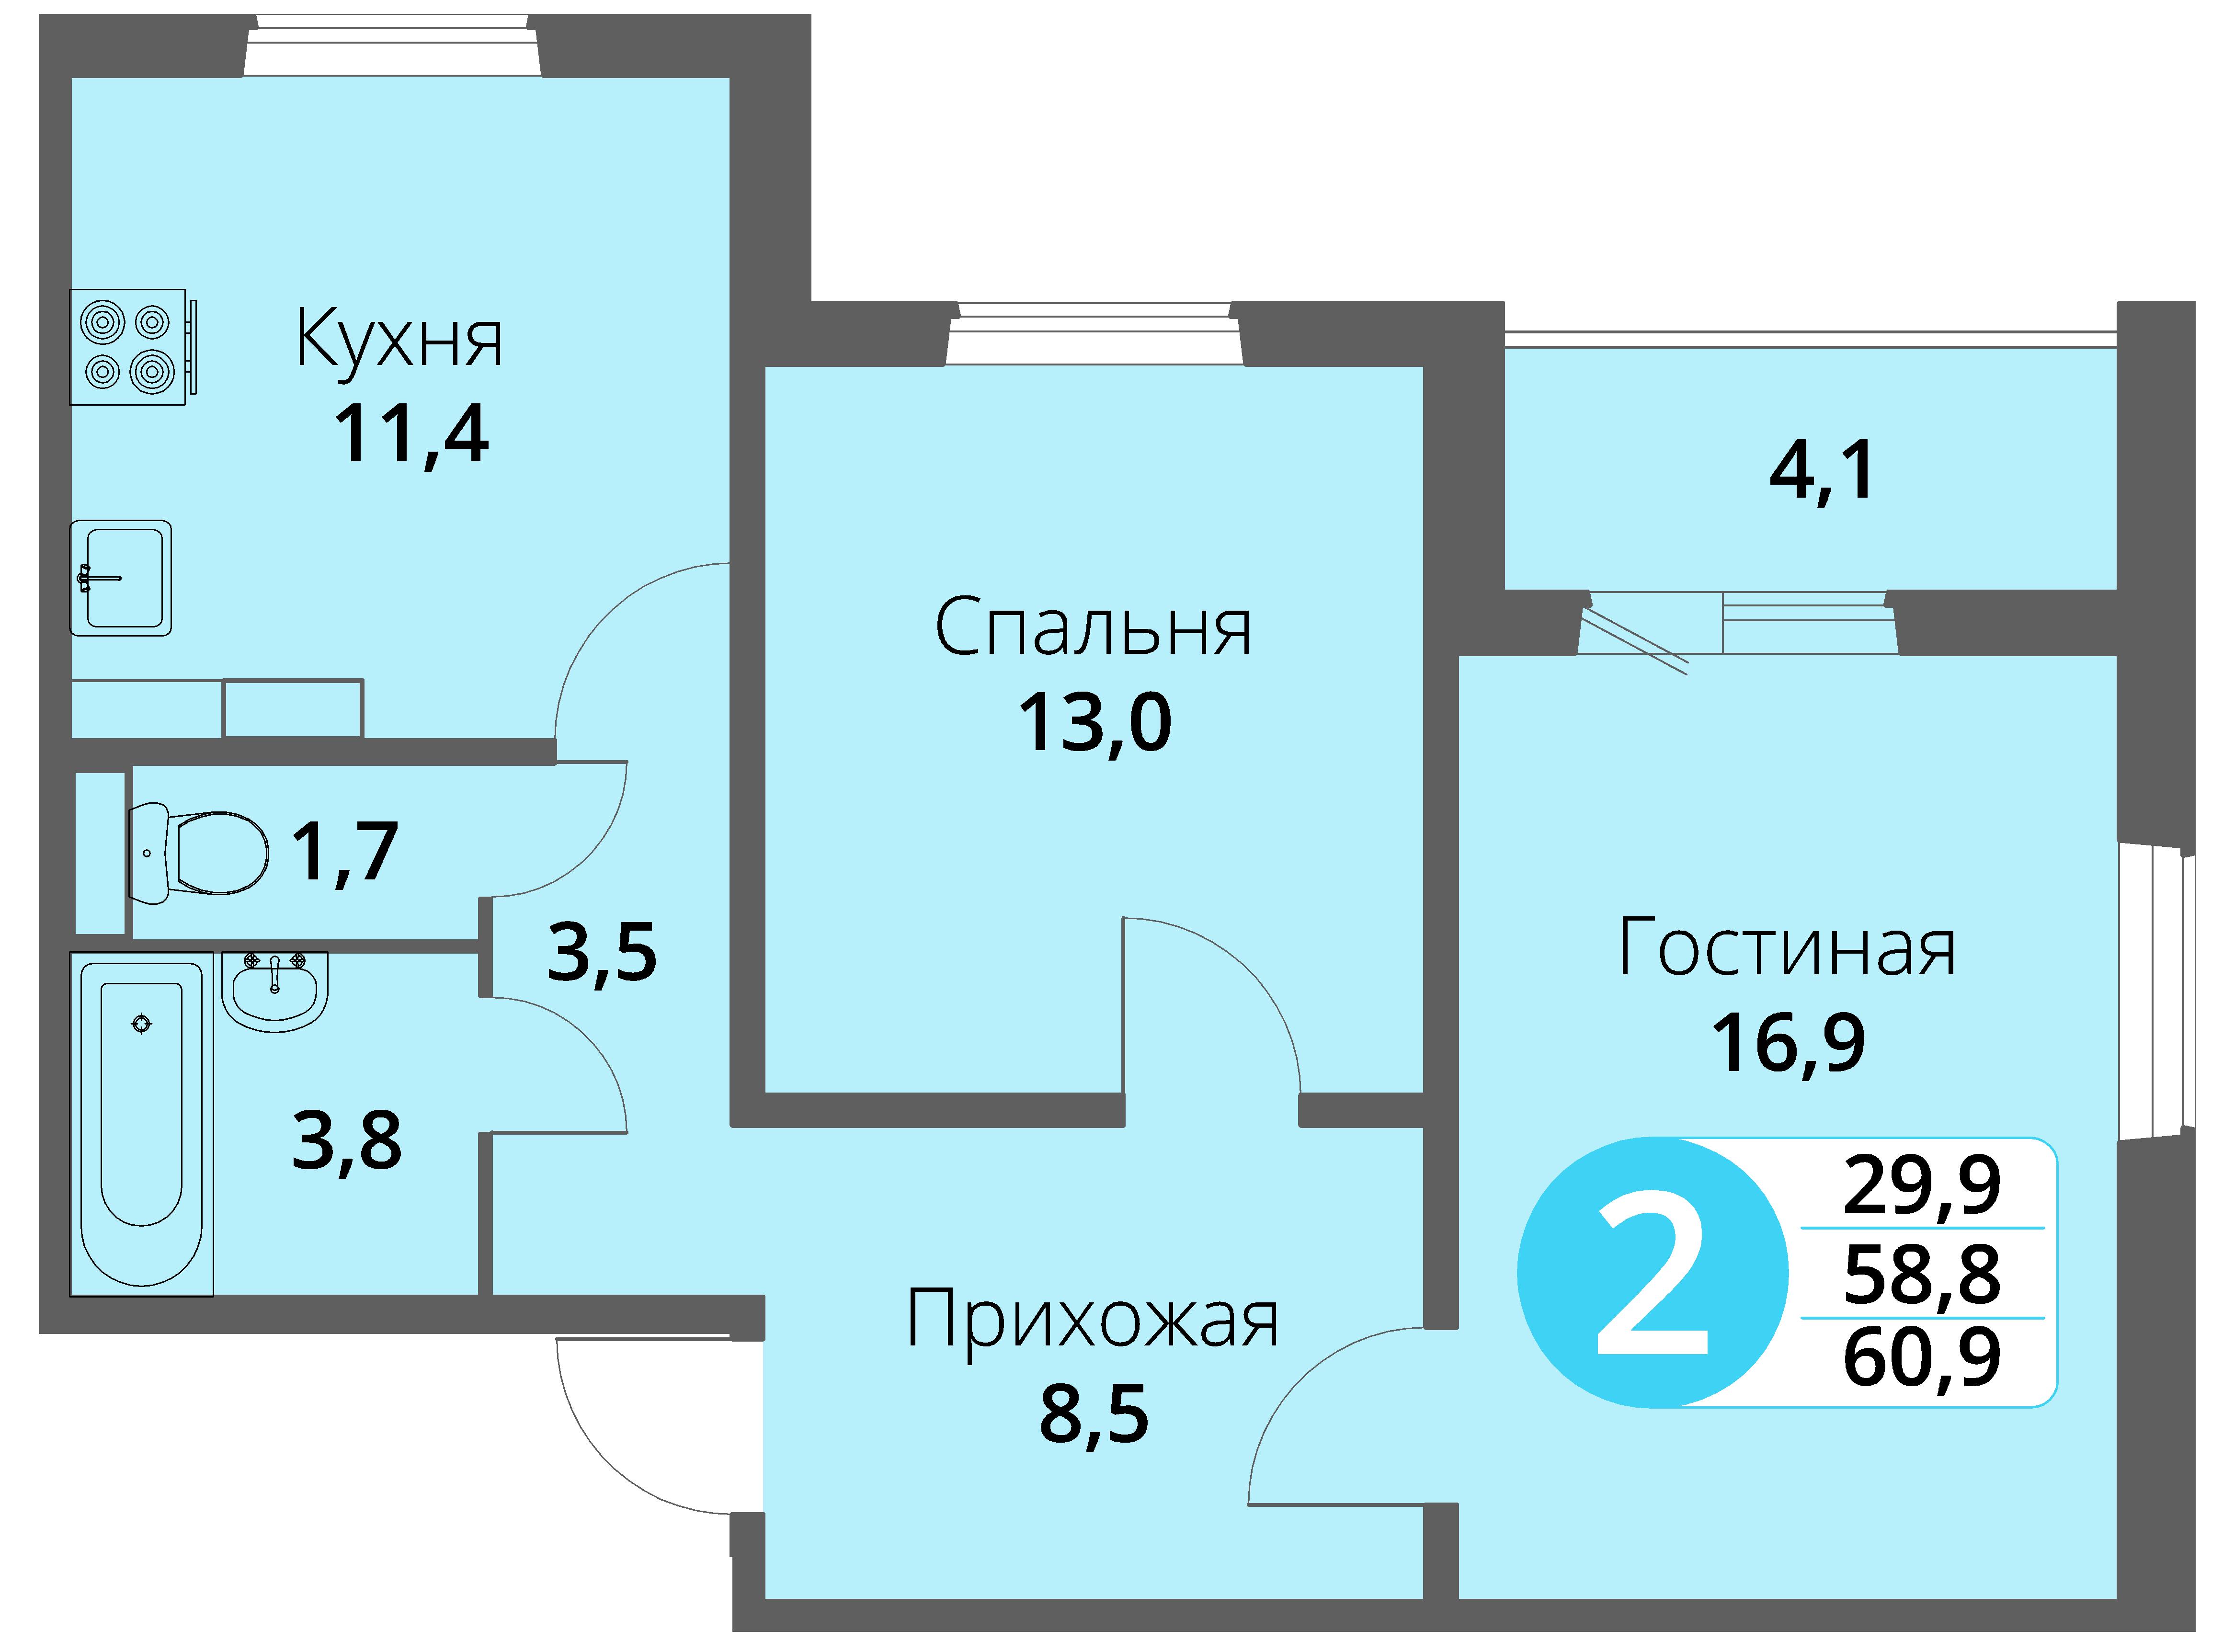 Зареченская 1-2, квартира 26 - Двухкомнатная